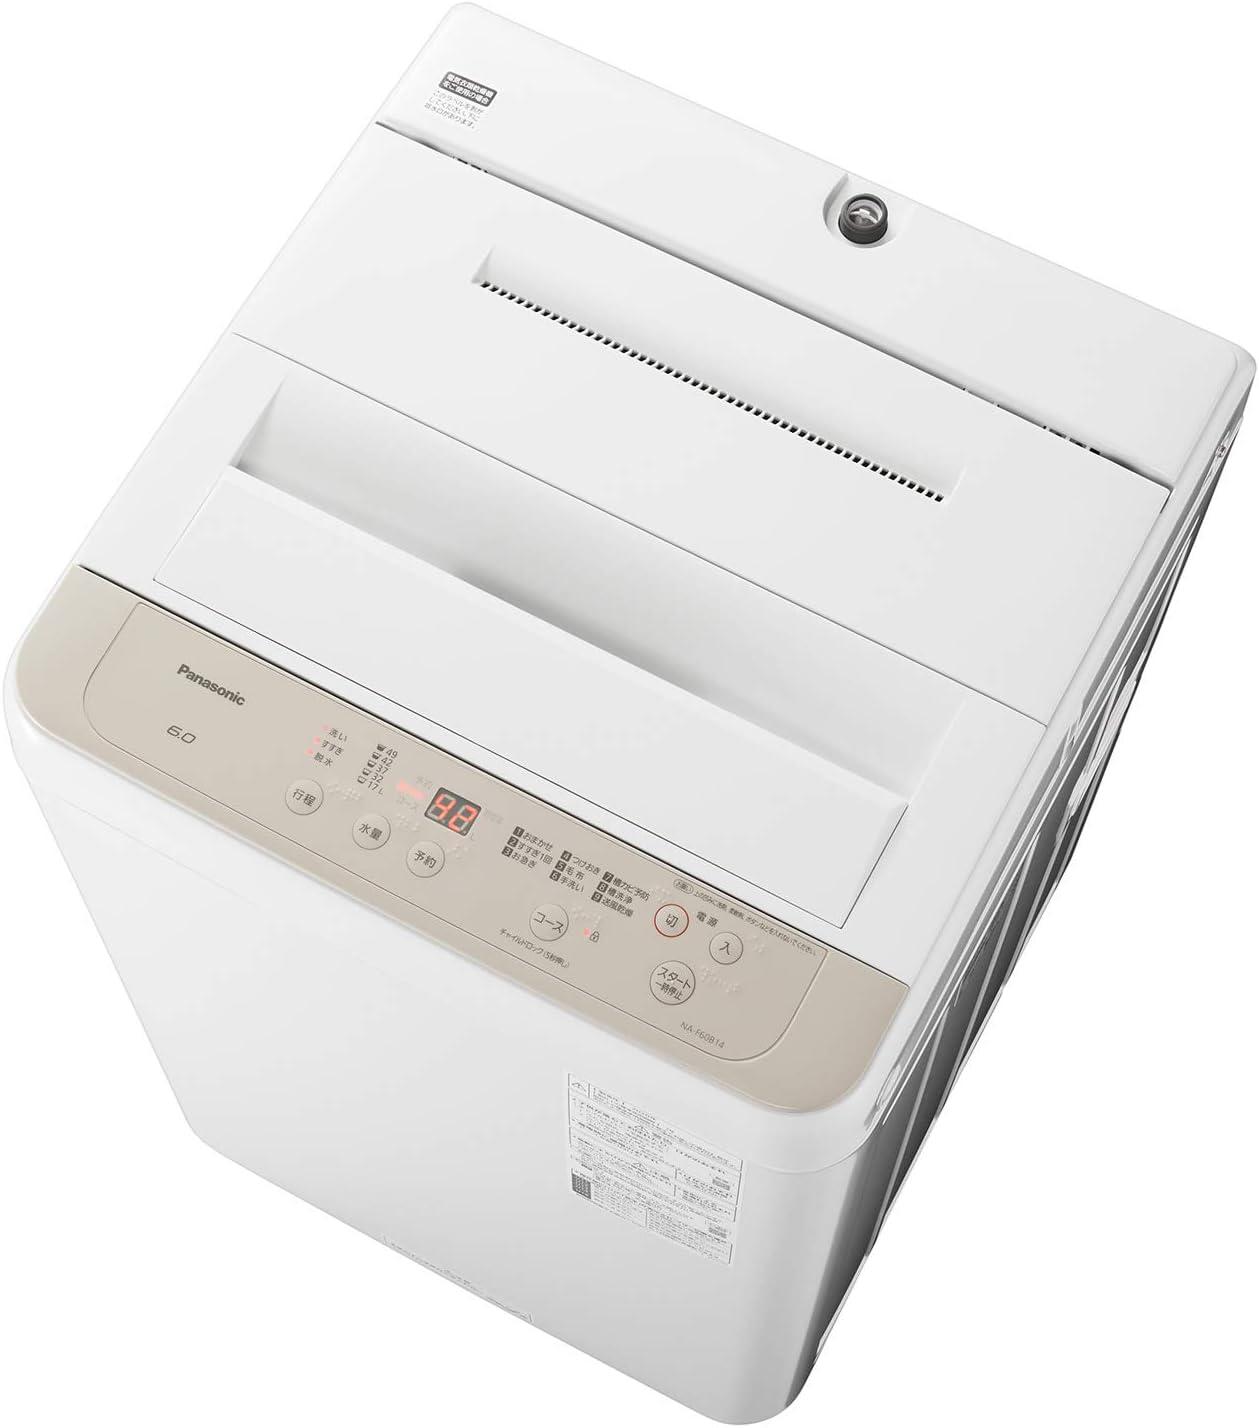 パナソニック 全自動洗濯機 NA-F60B14-C